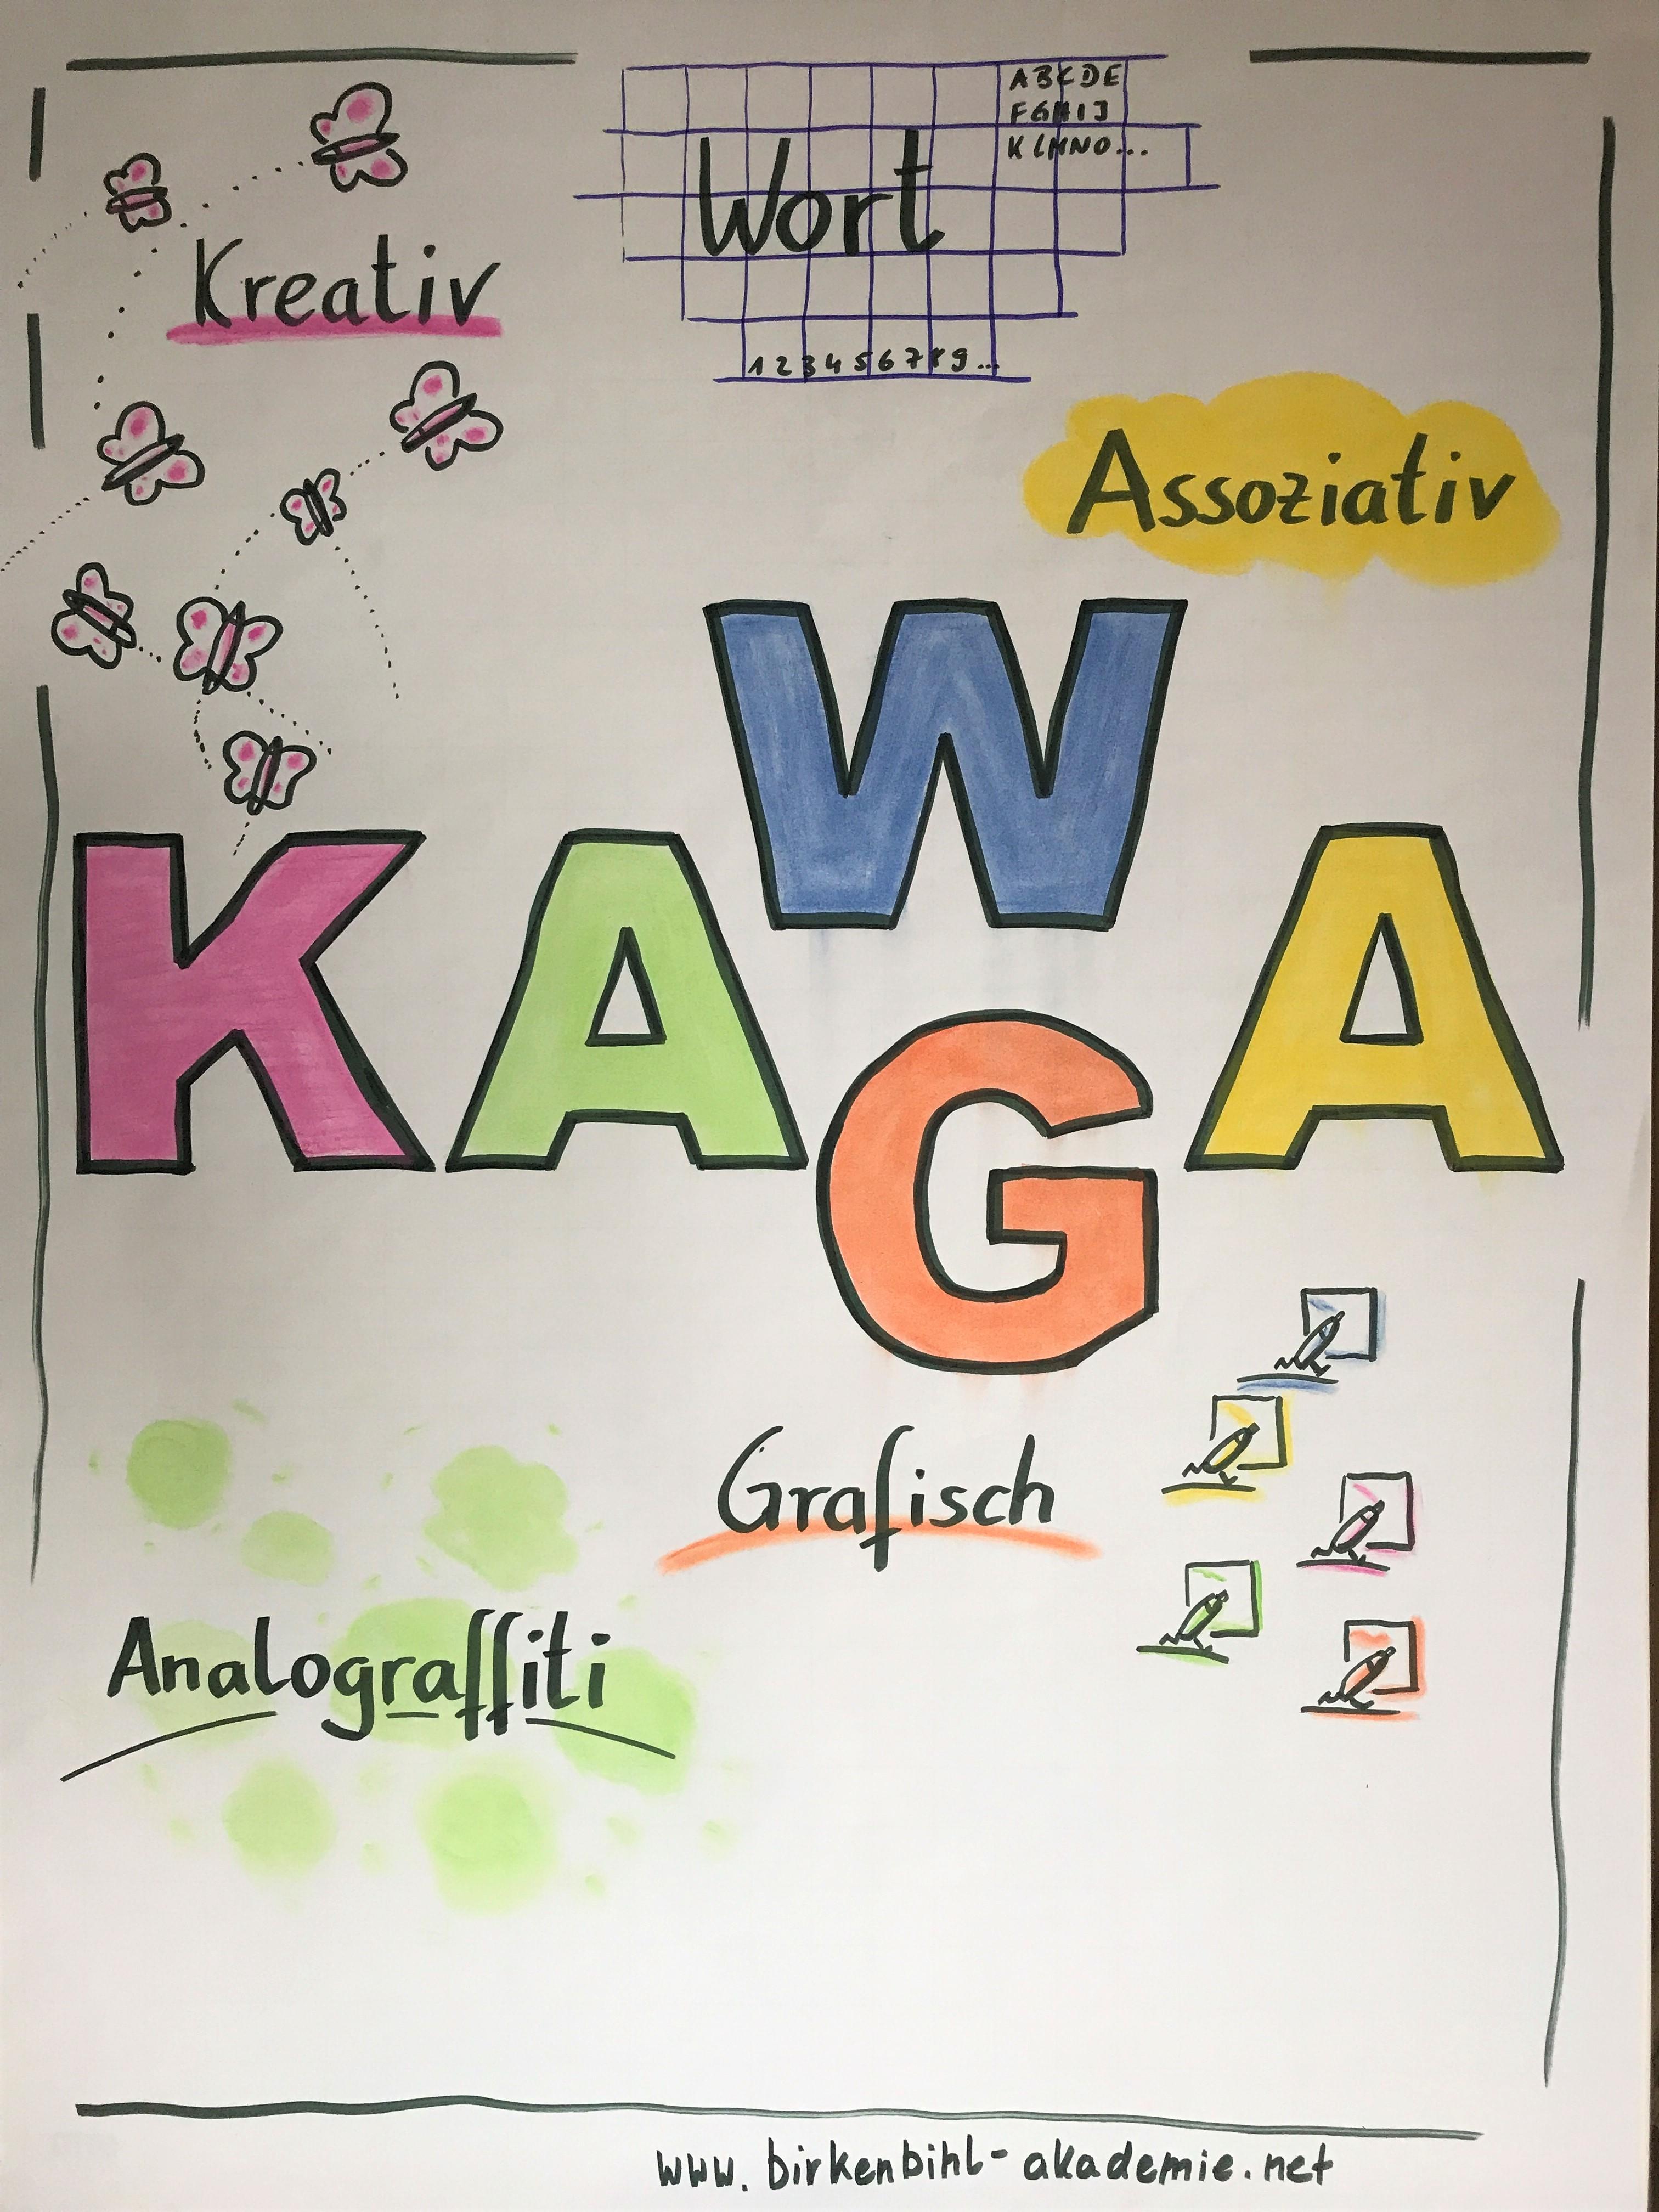 FC_KAWA